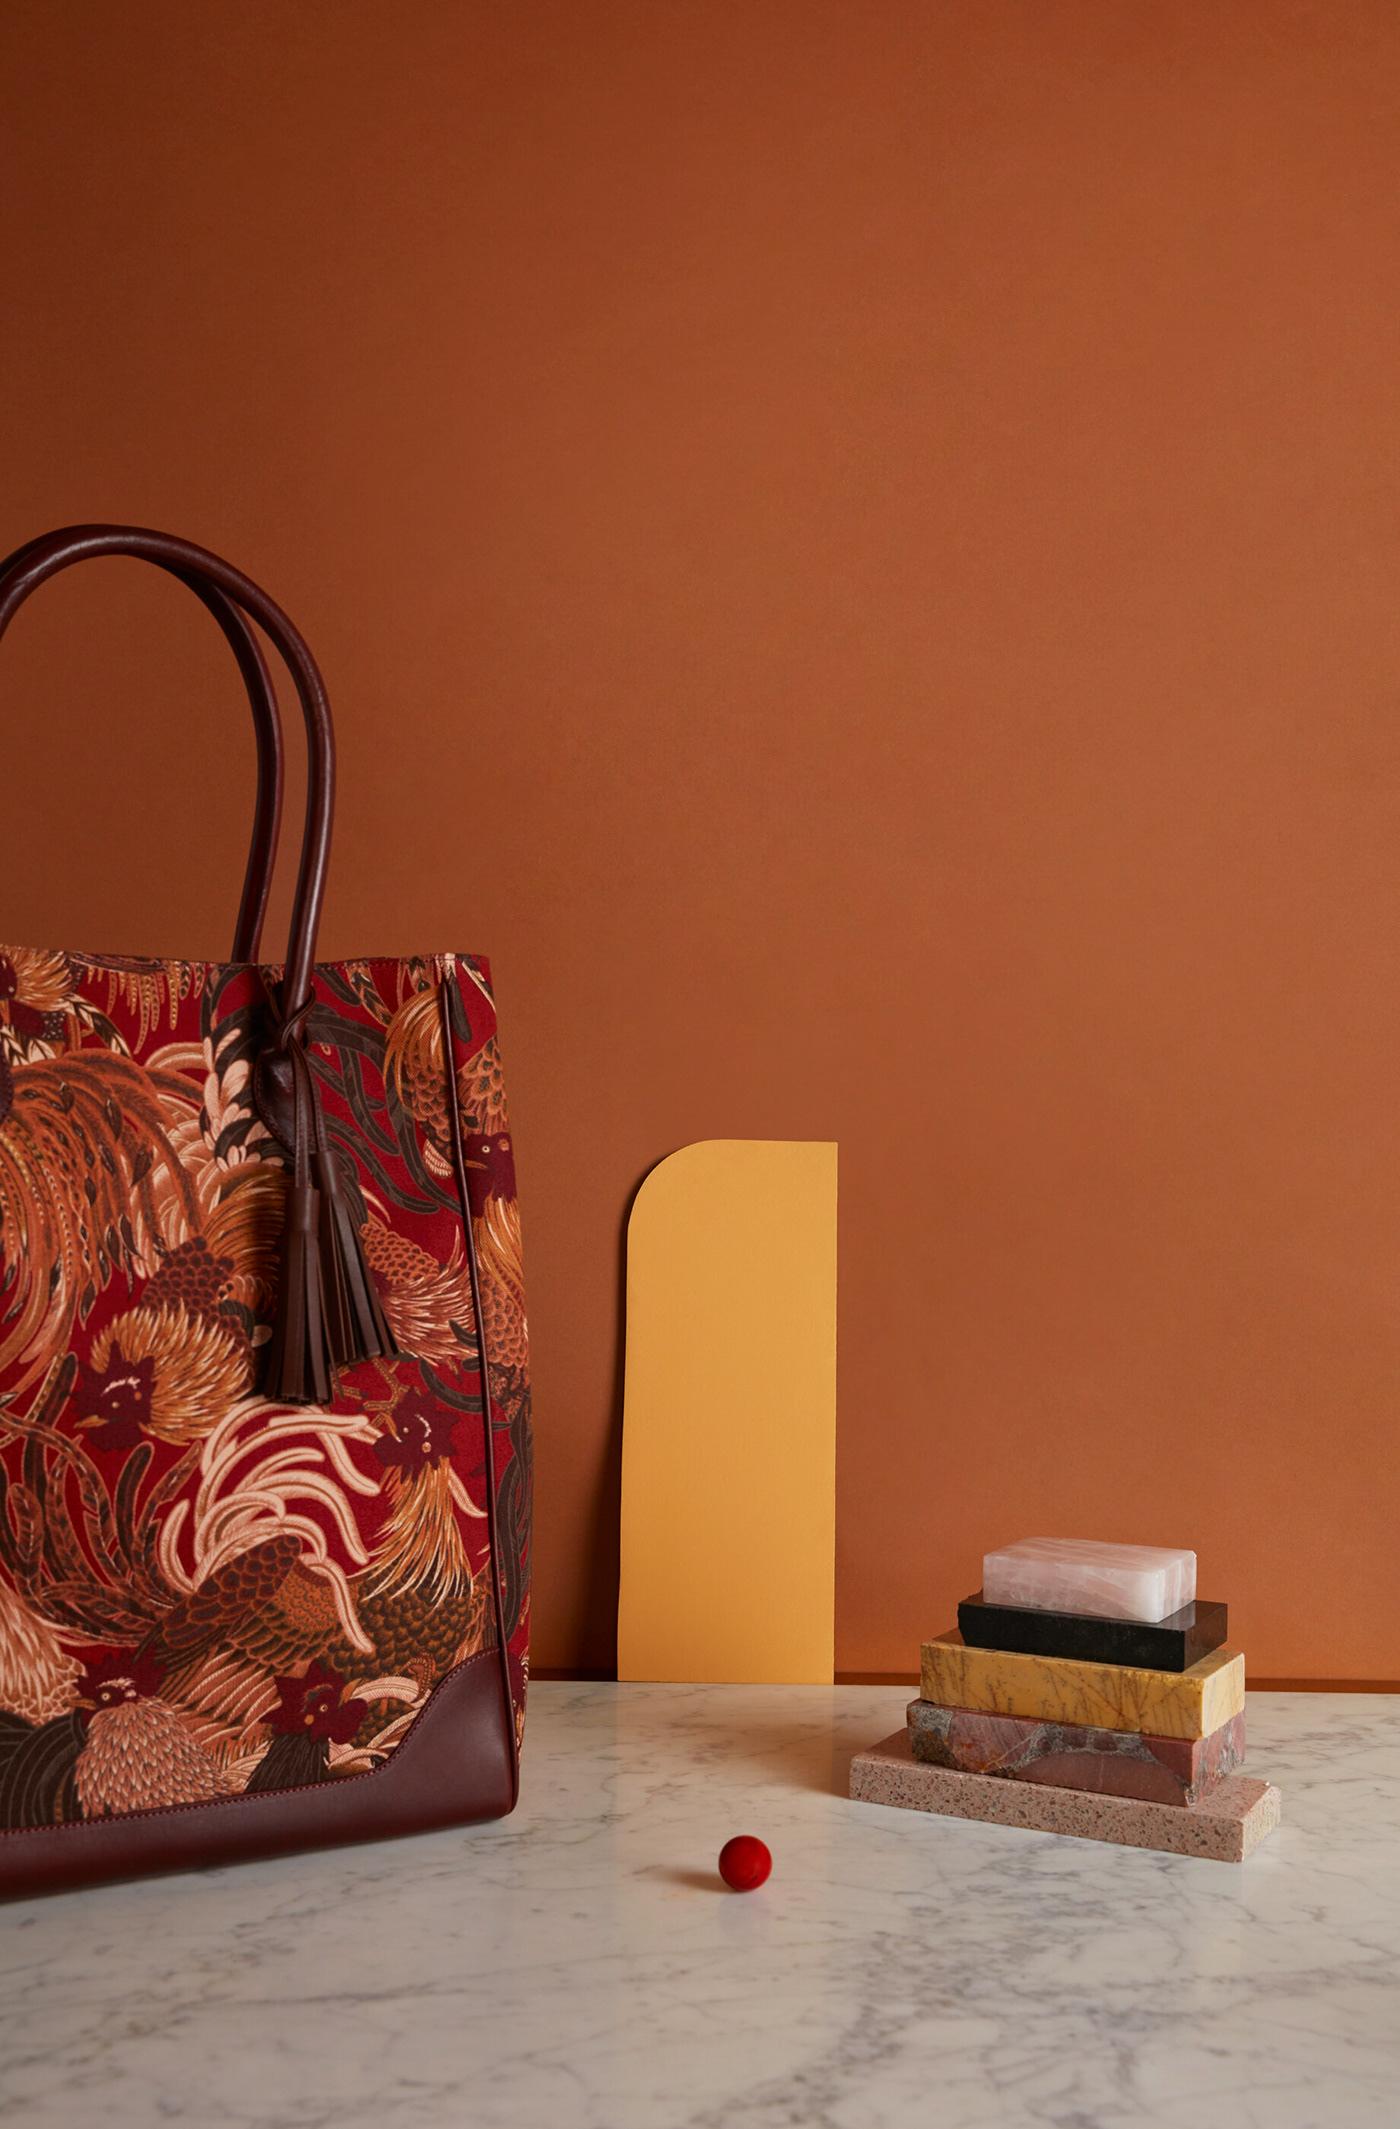 Image may contain: wall, indoor and handbag